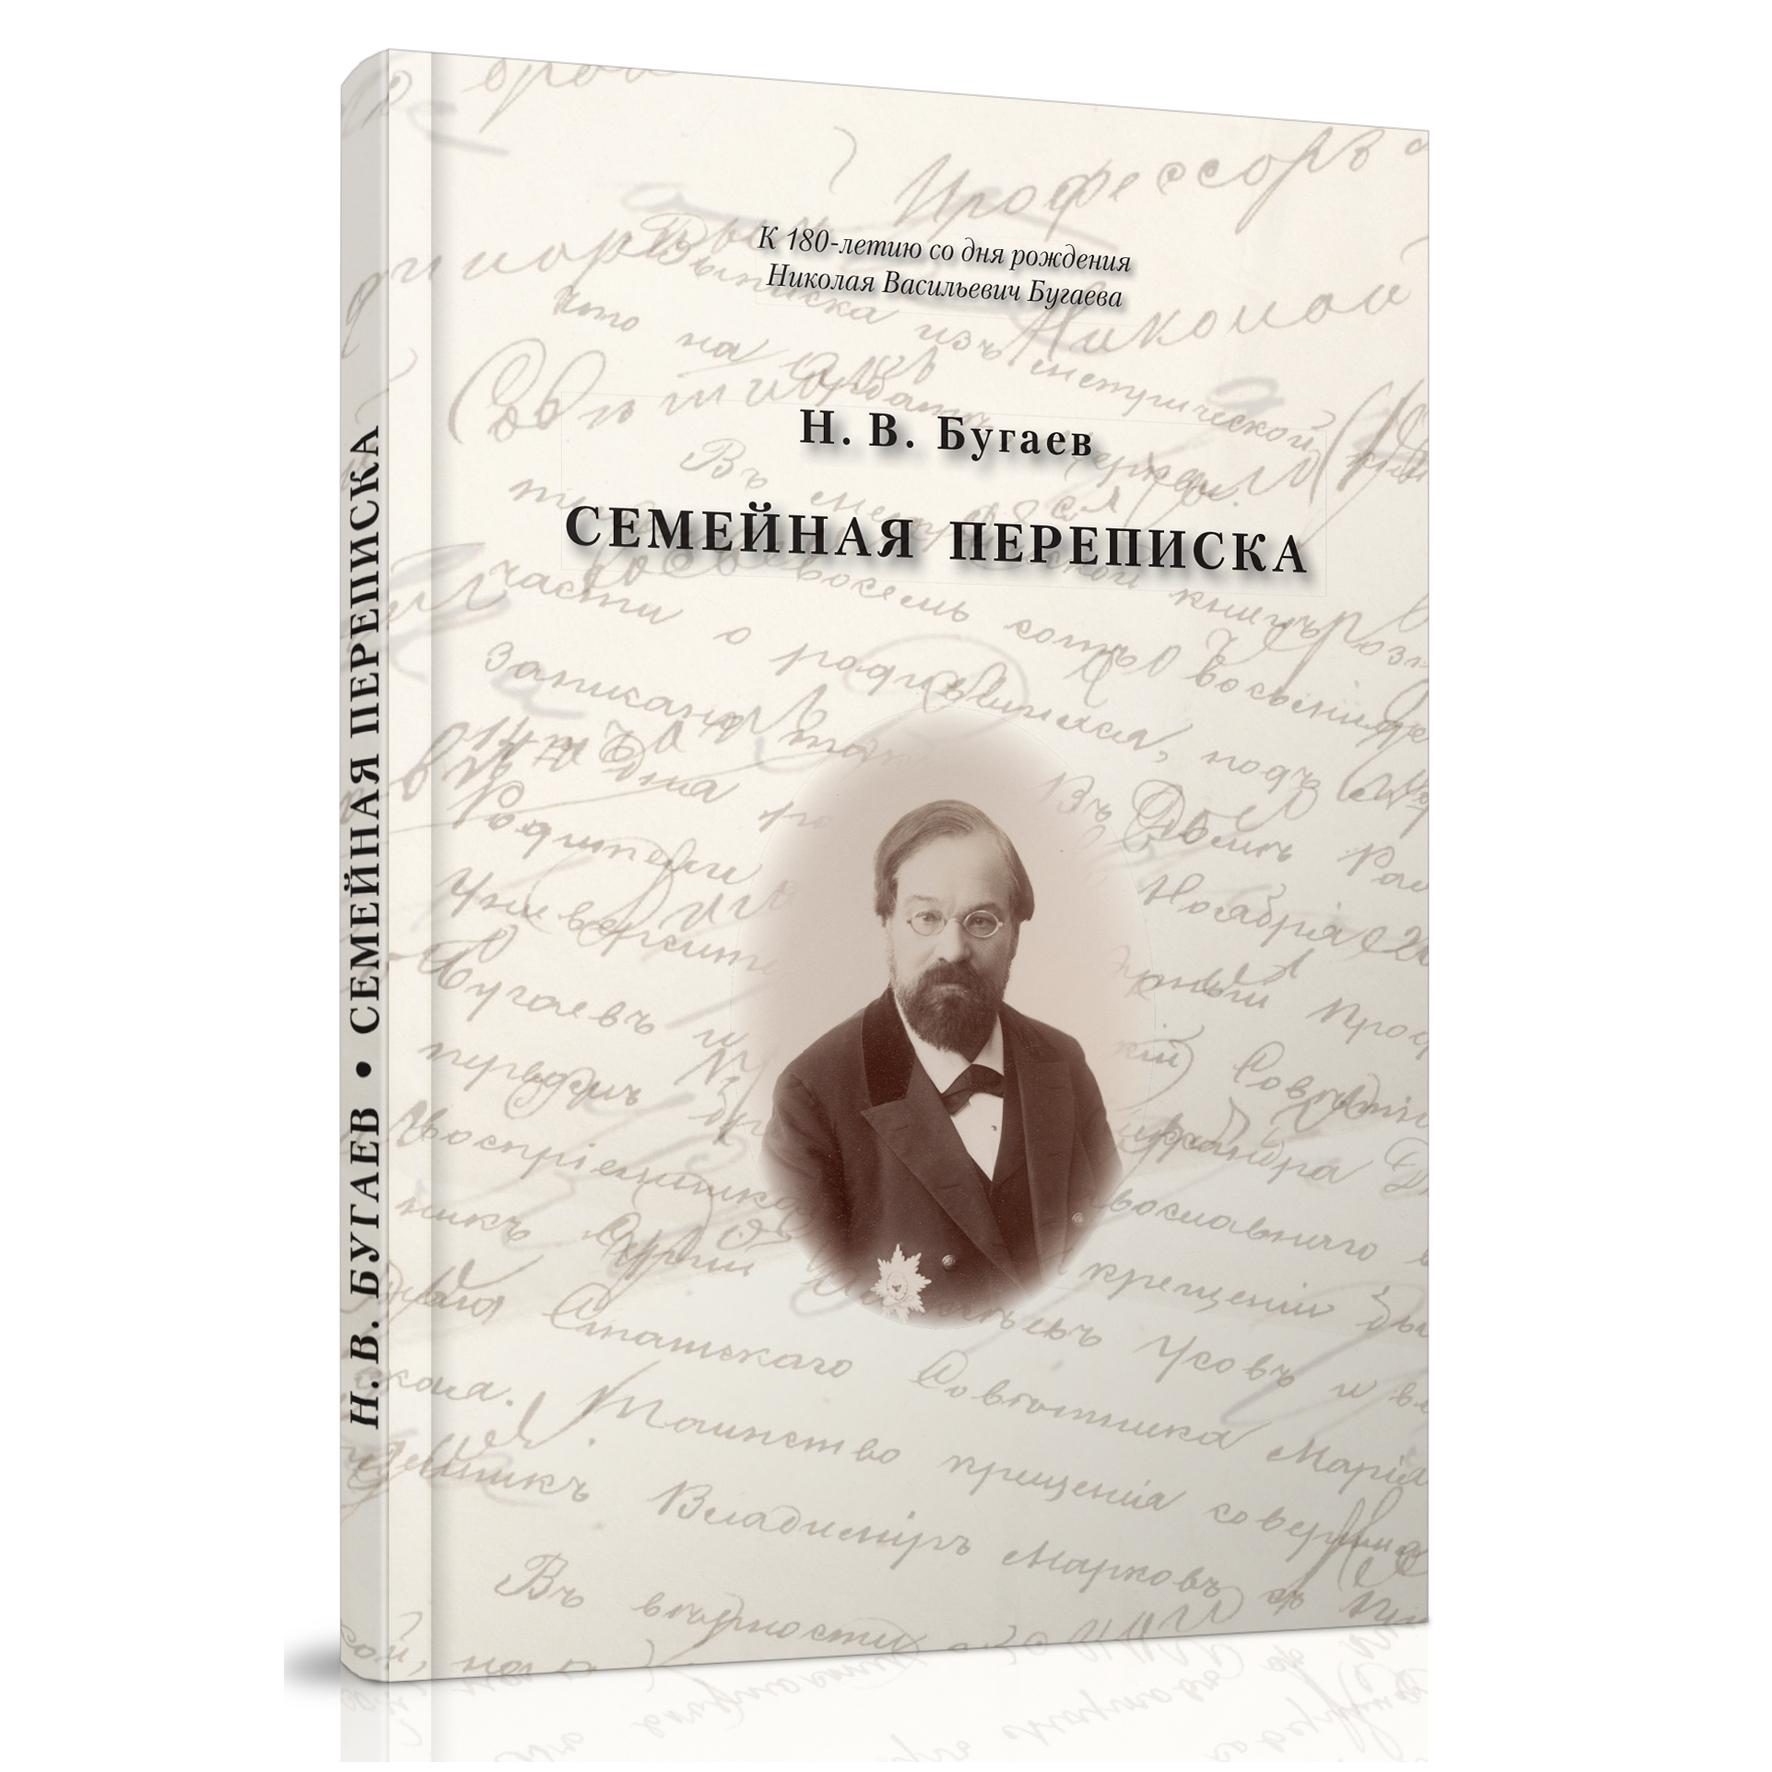 Бугаев Н.В. Семейная переписка